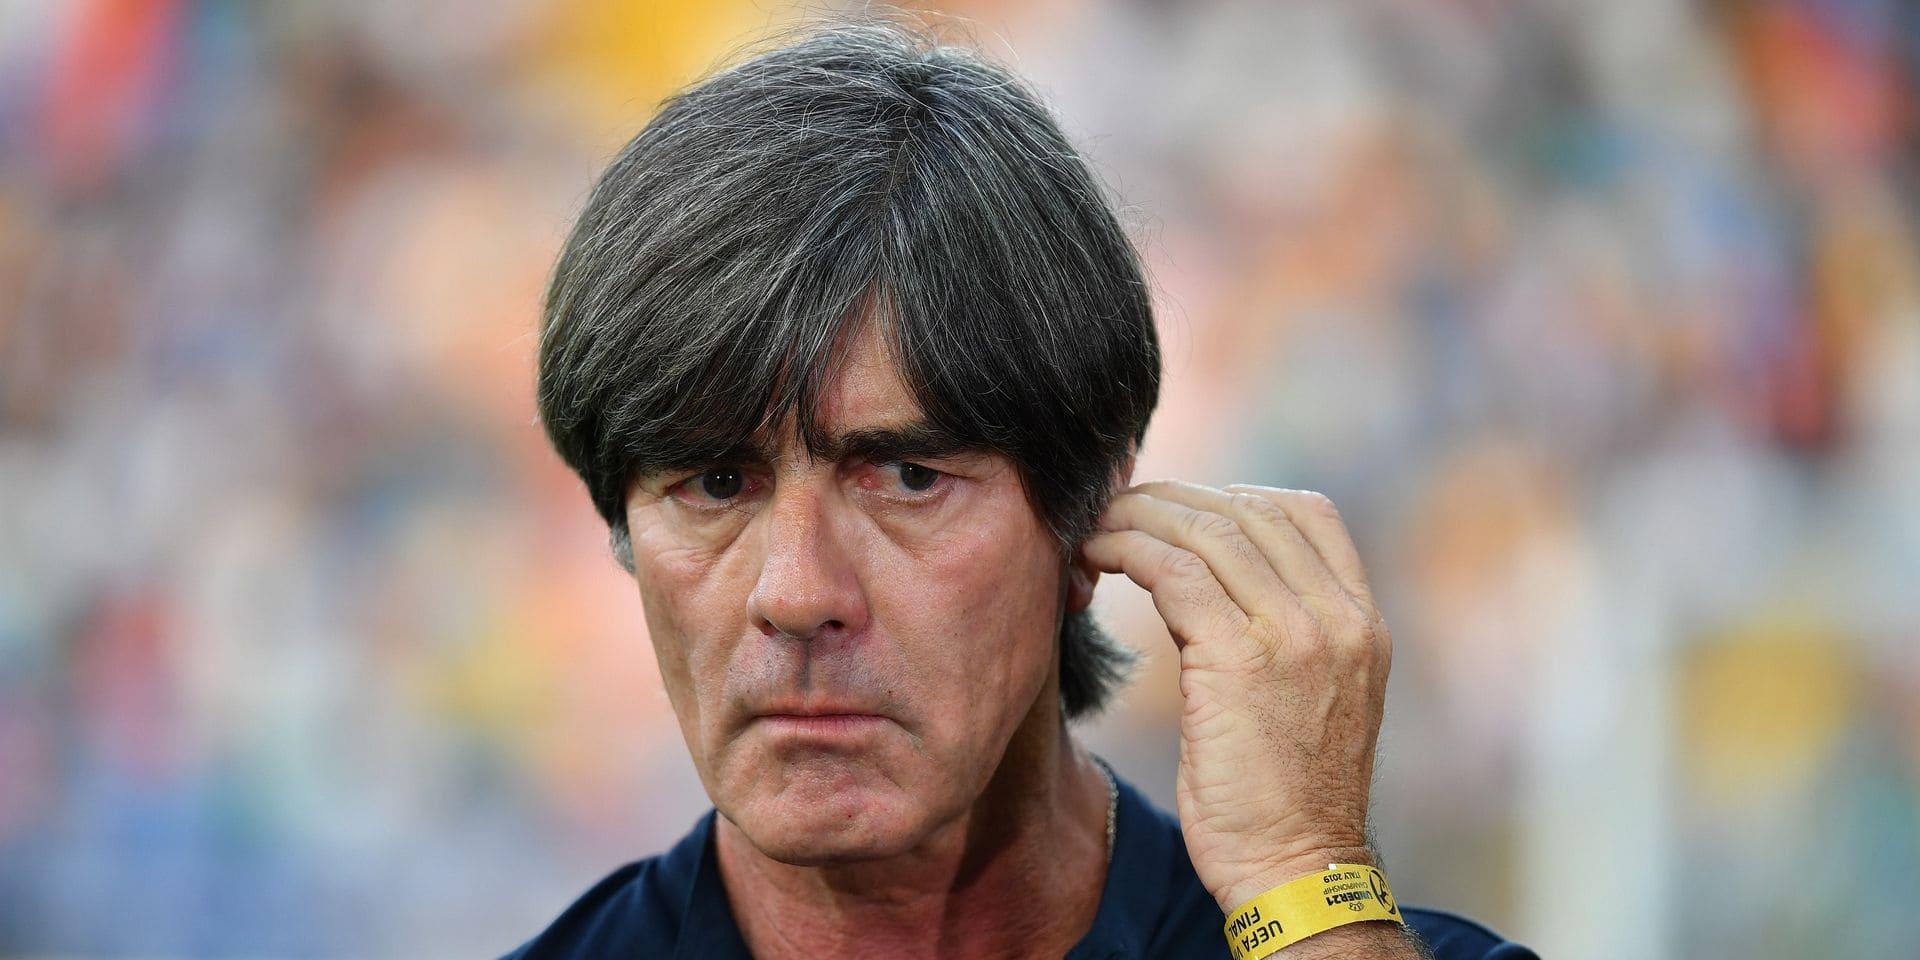 Le sélectionneur allemand Joachim Löw arrêtera après l'Euro cet été